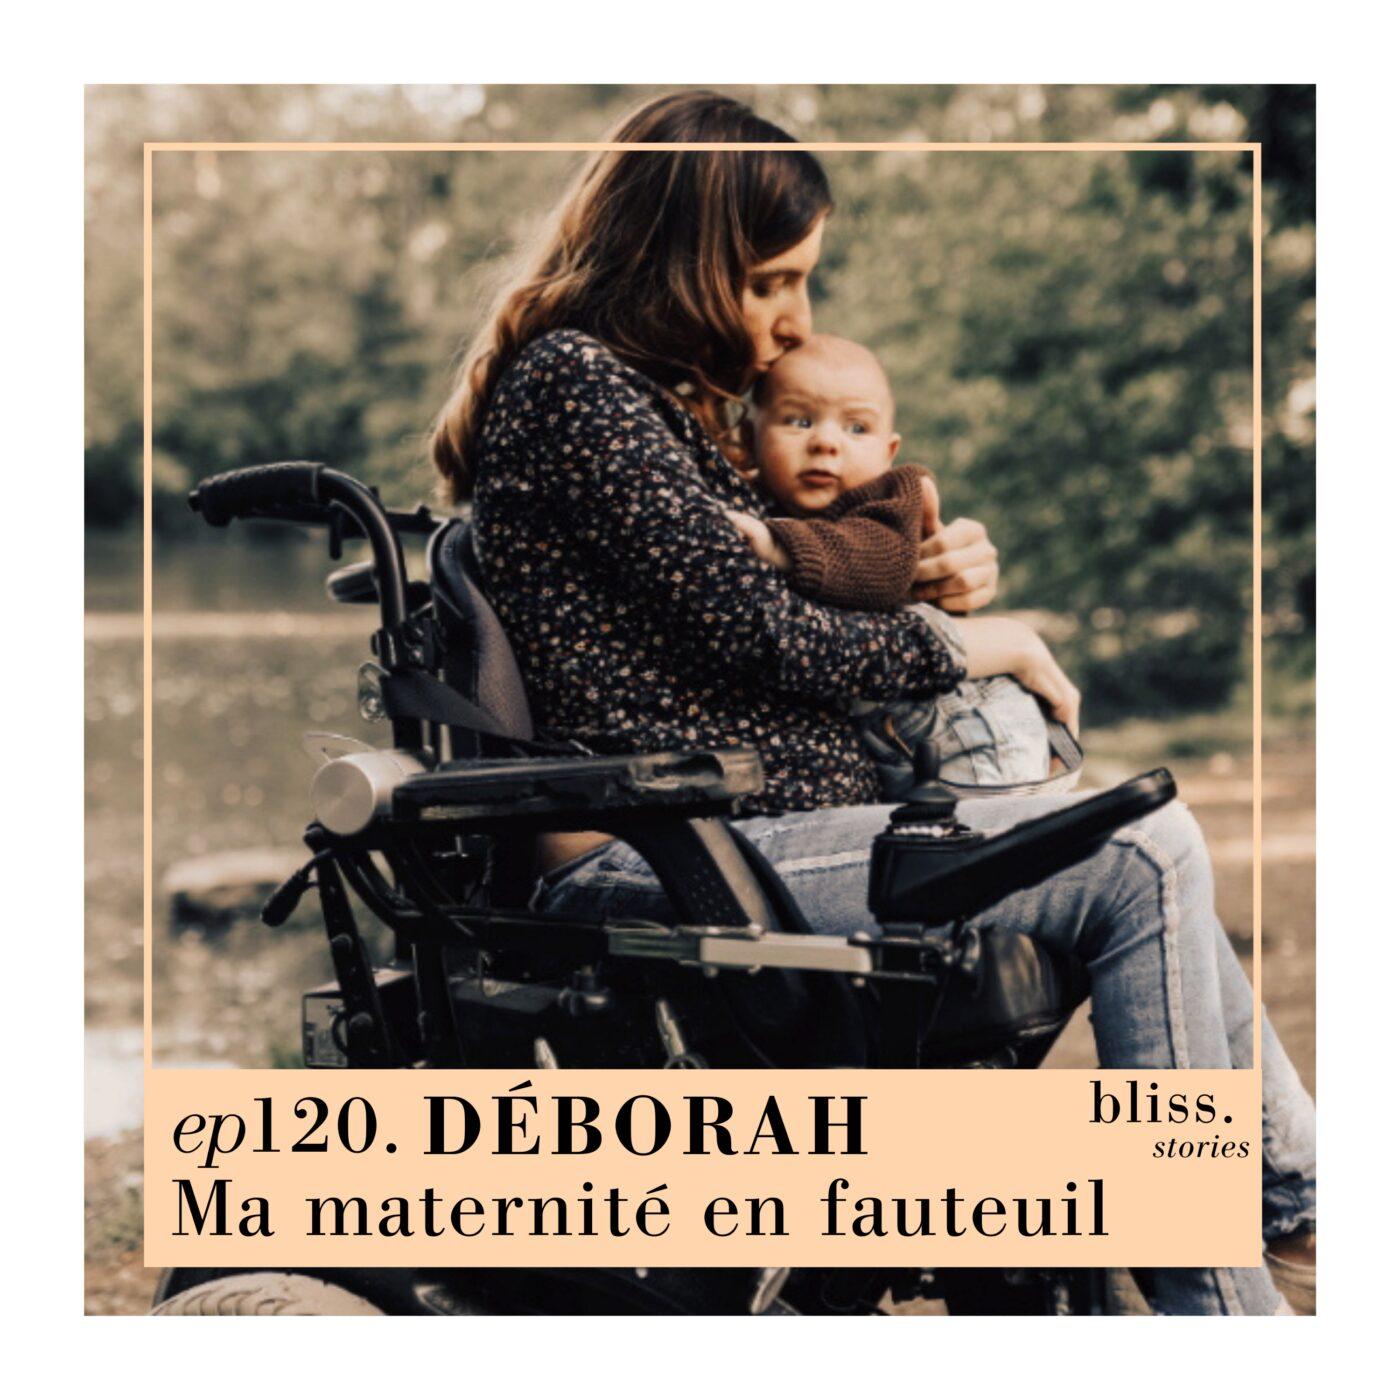 EP120 - DÉBORAH, MA MATERNITÉ EN FAUTEUIL